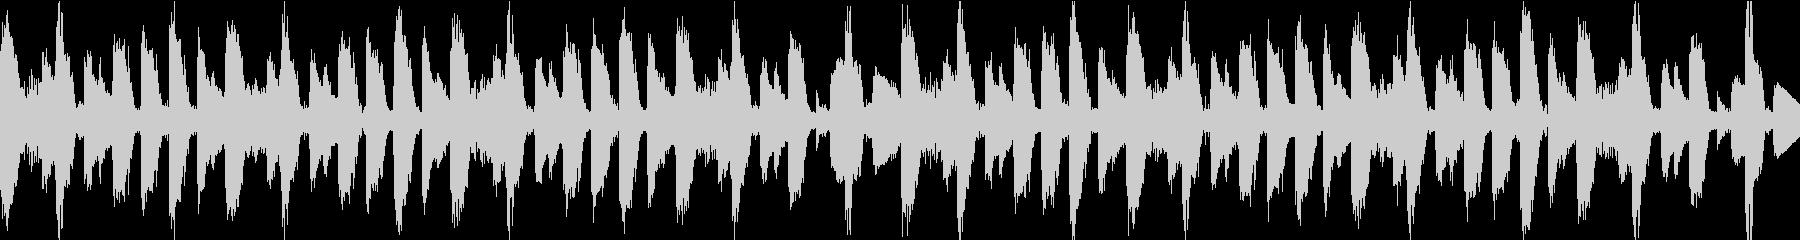 ニュース用  ループ曲の未再生の波形